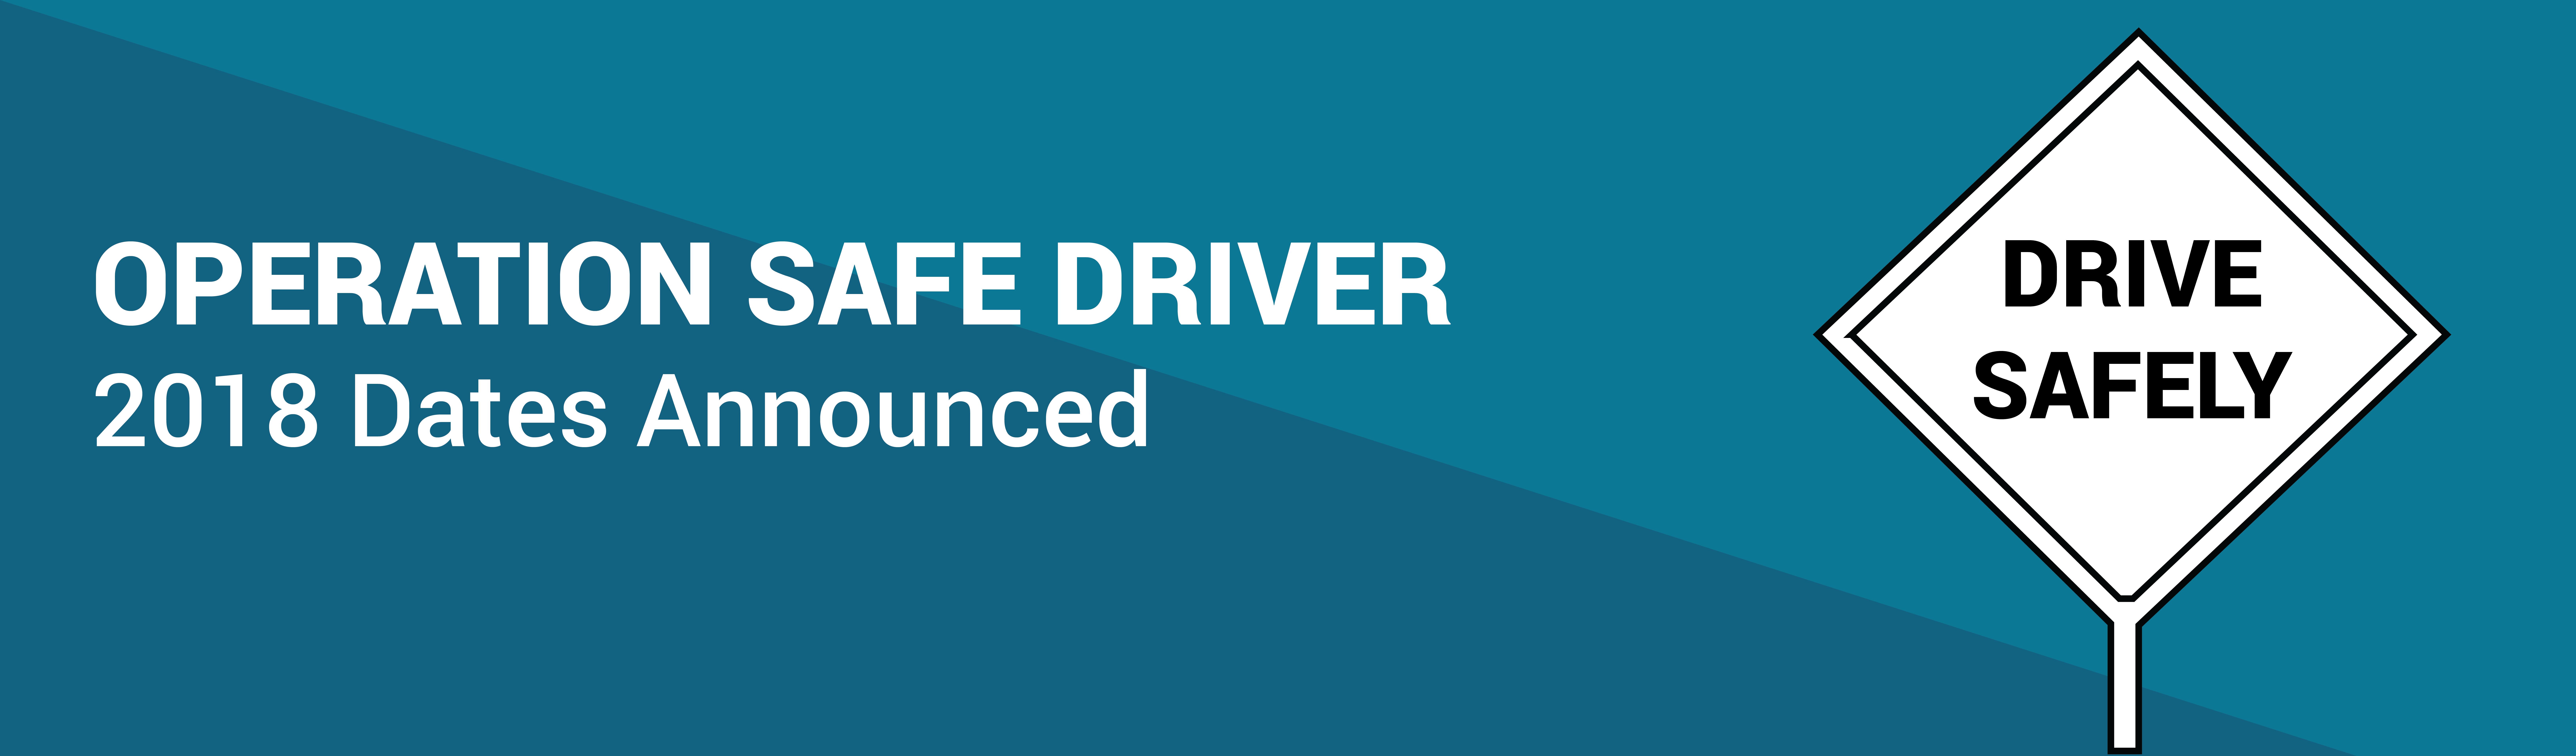 Operation Safe Driver 2018 Blog Post